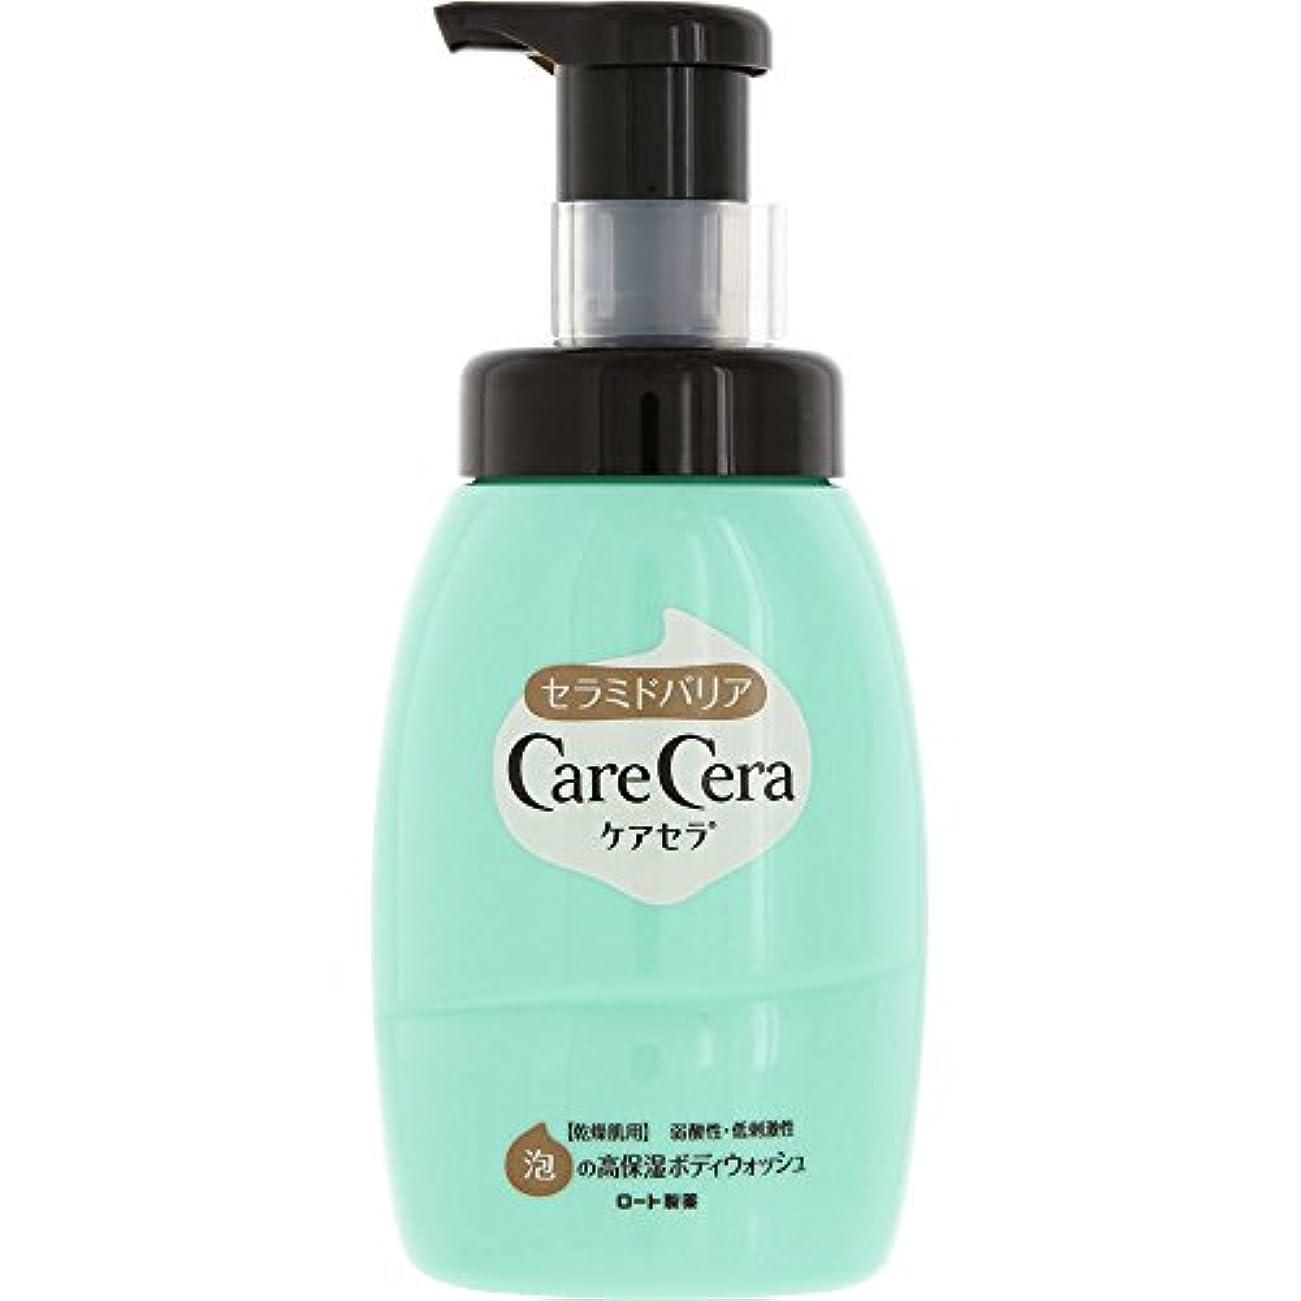 アクセシブル招待丘ケアセラ(CareCera) ロート製薬 ケアセラ  天然型セラミド7種配合 セラミド濃度10倍泡の高保湿 全身ボディウォッシュ ピュアフローラルの香り お試し企画品 300mL